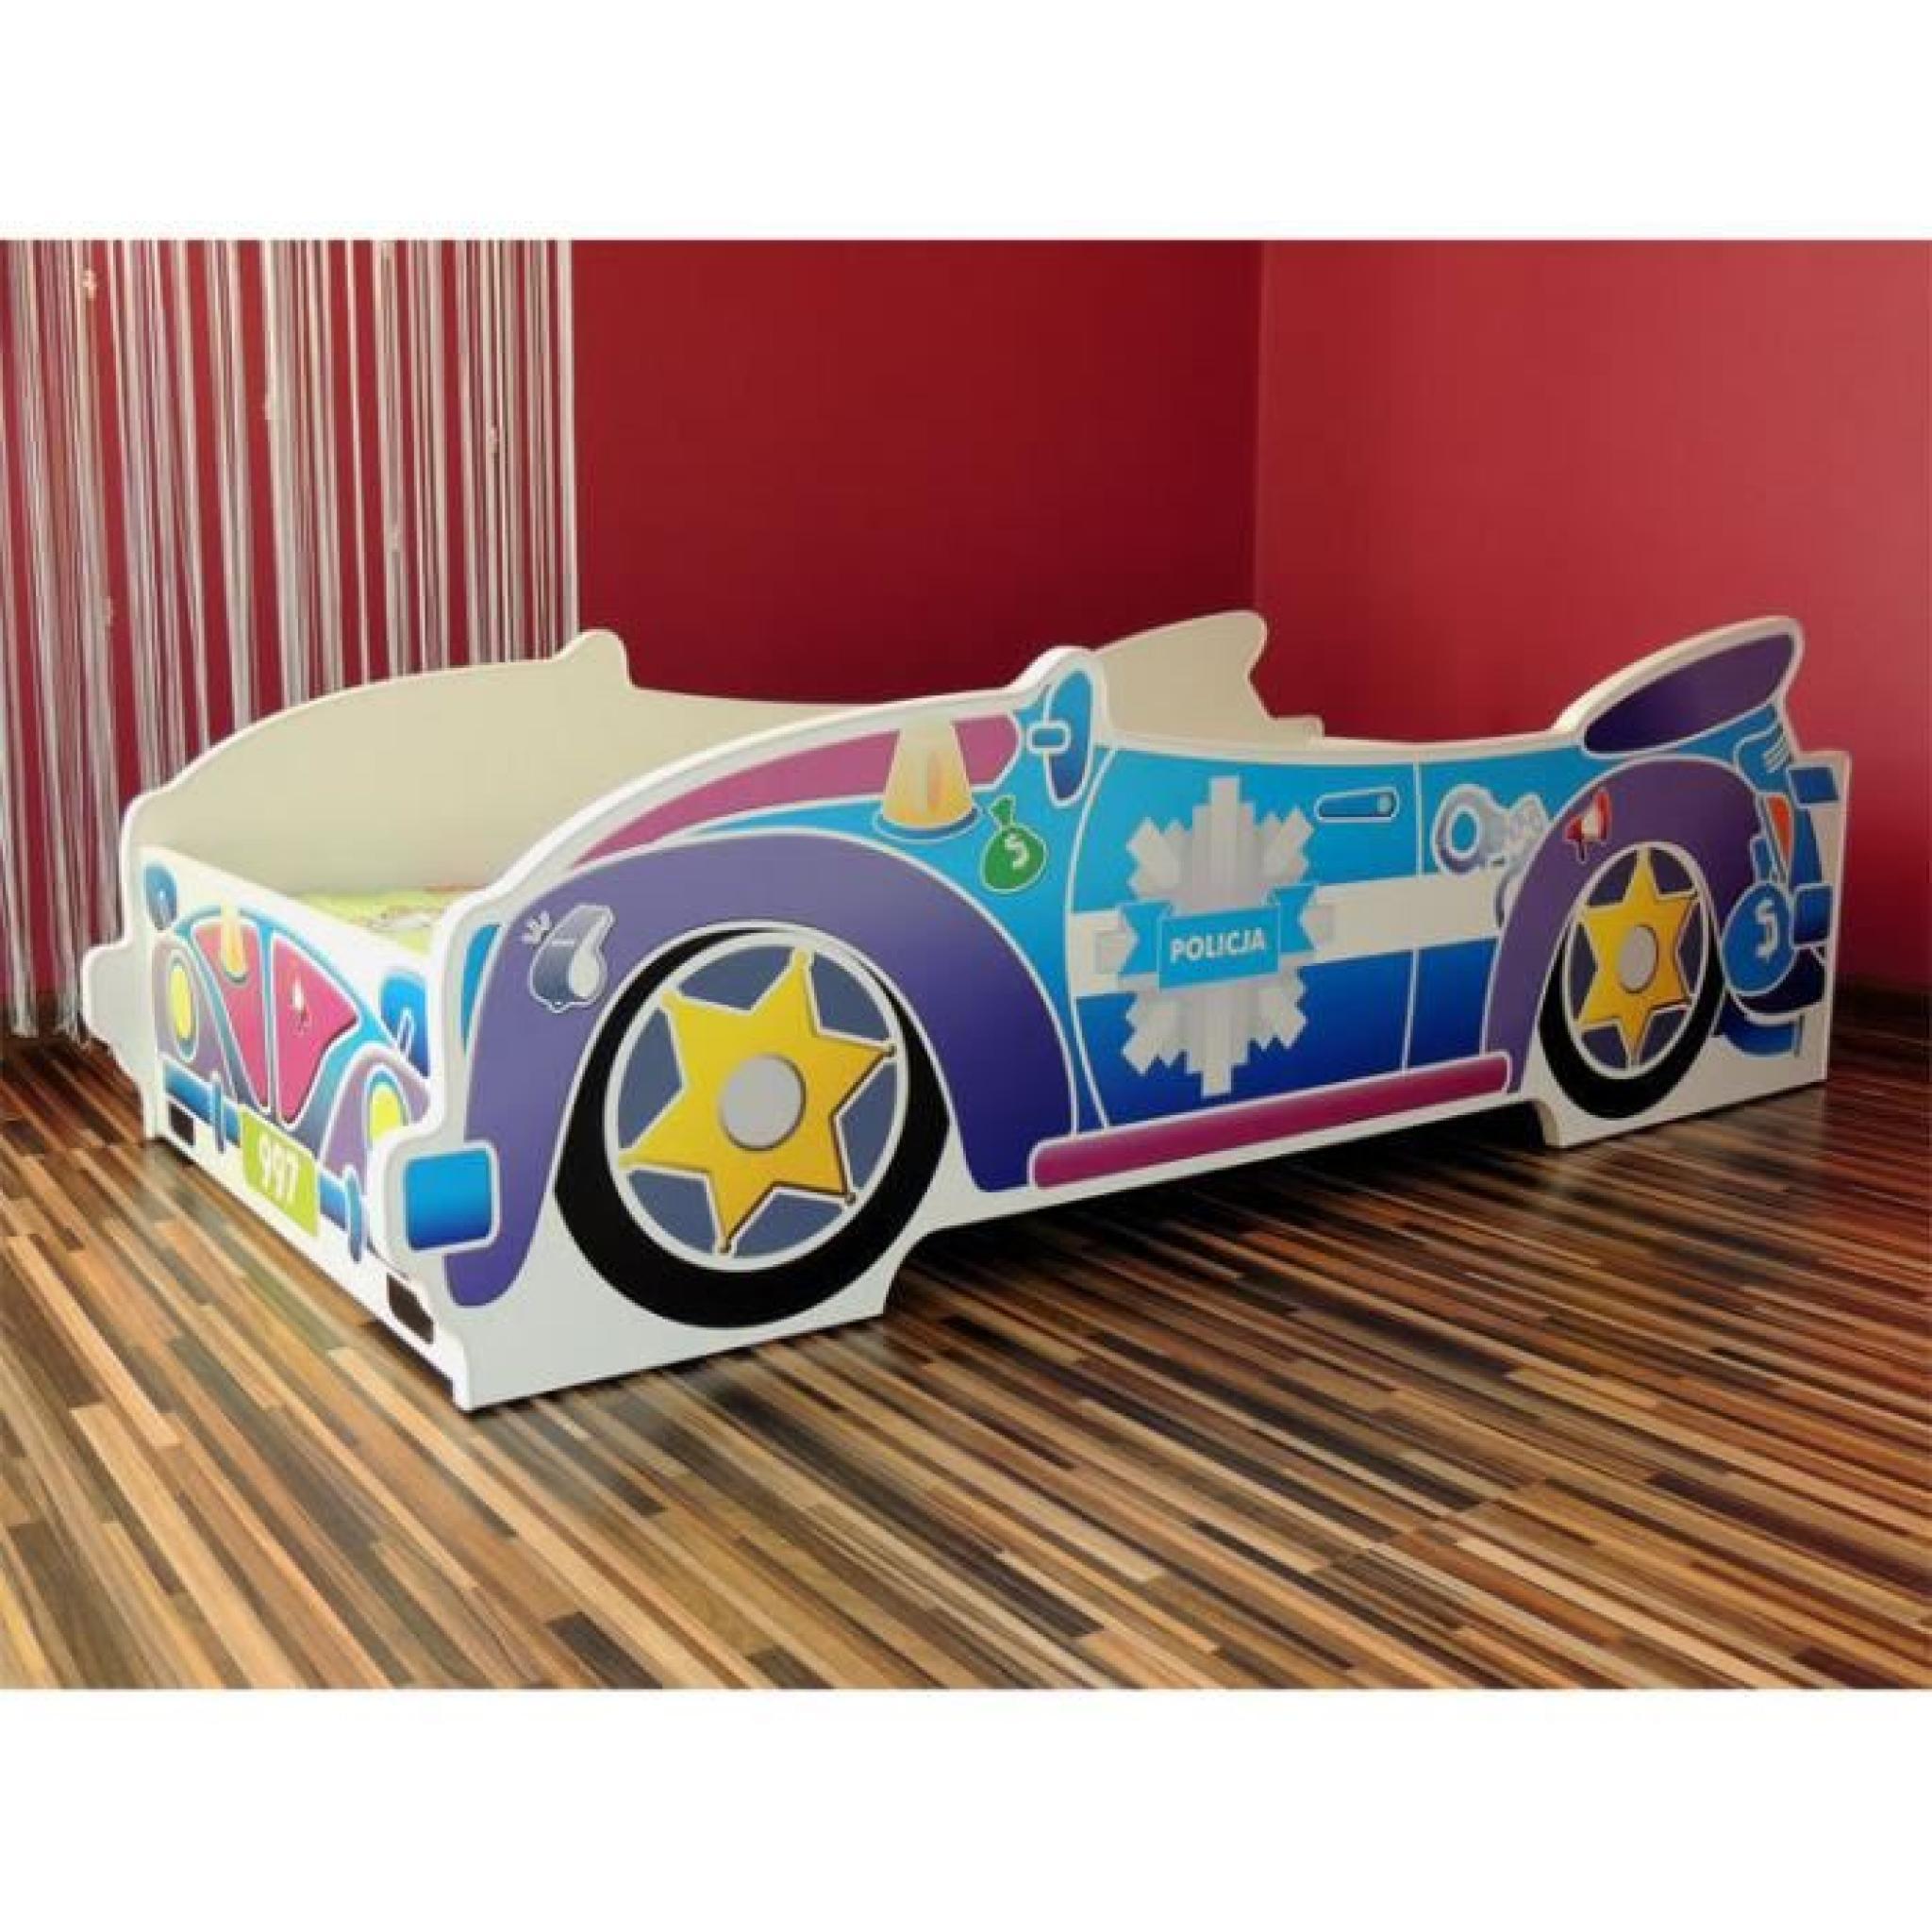 Lit enfant voiture police sommier matelas 140x70 achat for Baignoire 140x70 pas cher